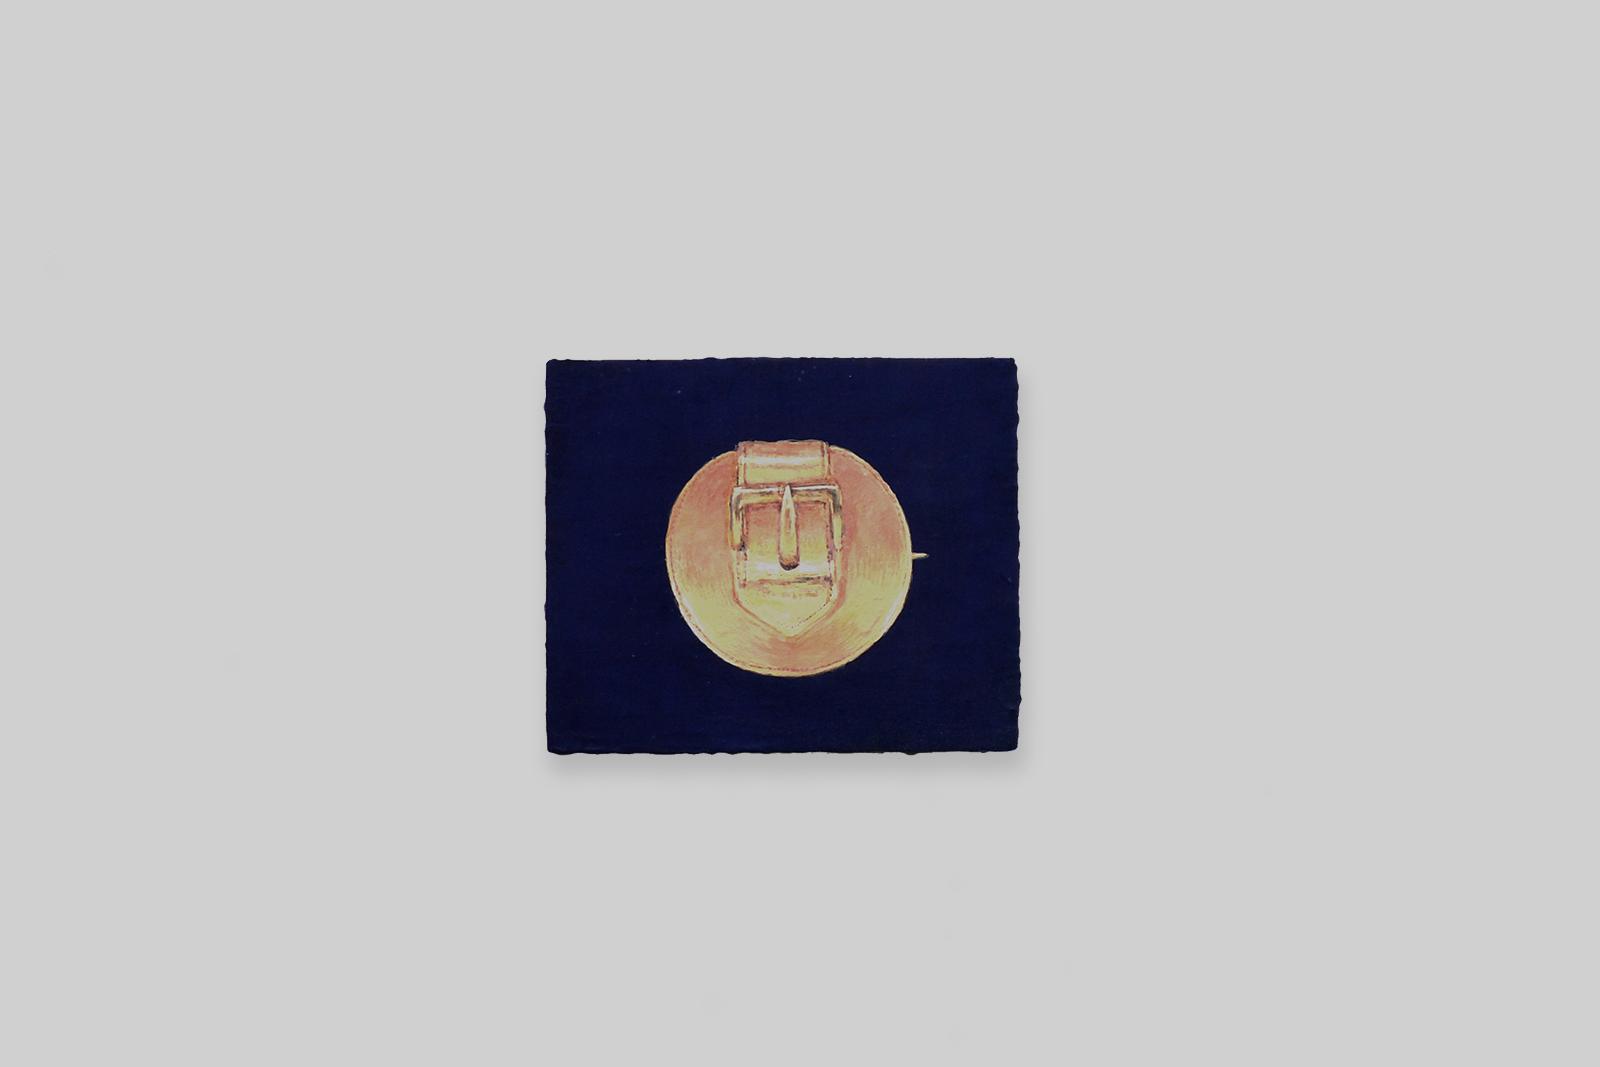 'buckle brooche', 2012, tempera/paneel, 10 x 12 cm